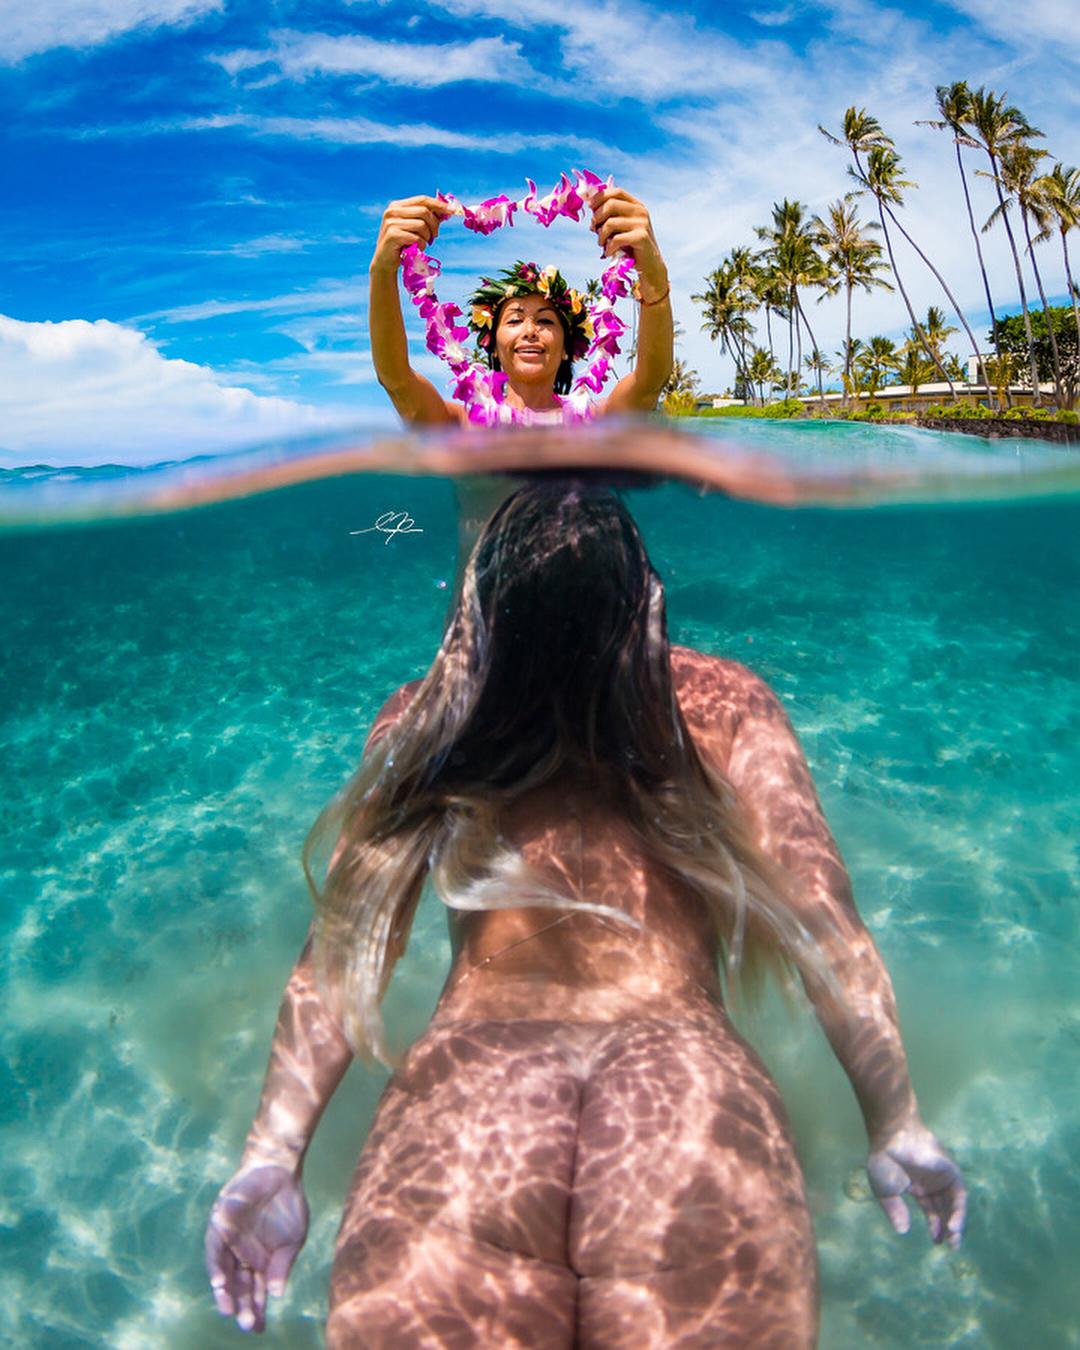 Обнаженные девушки в воде от фотографа Мусаши